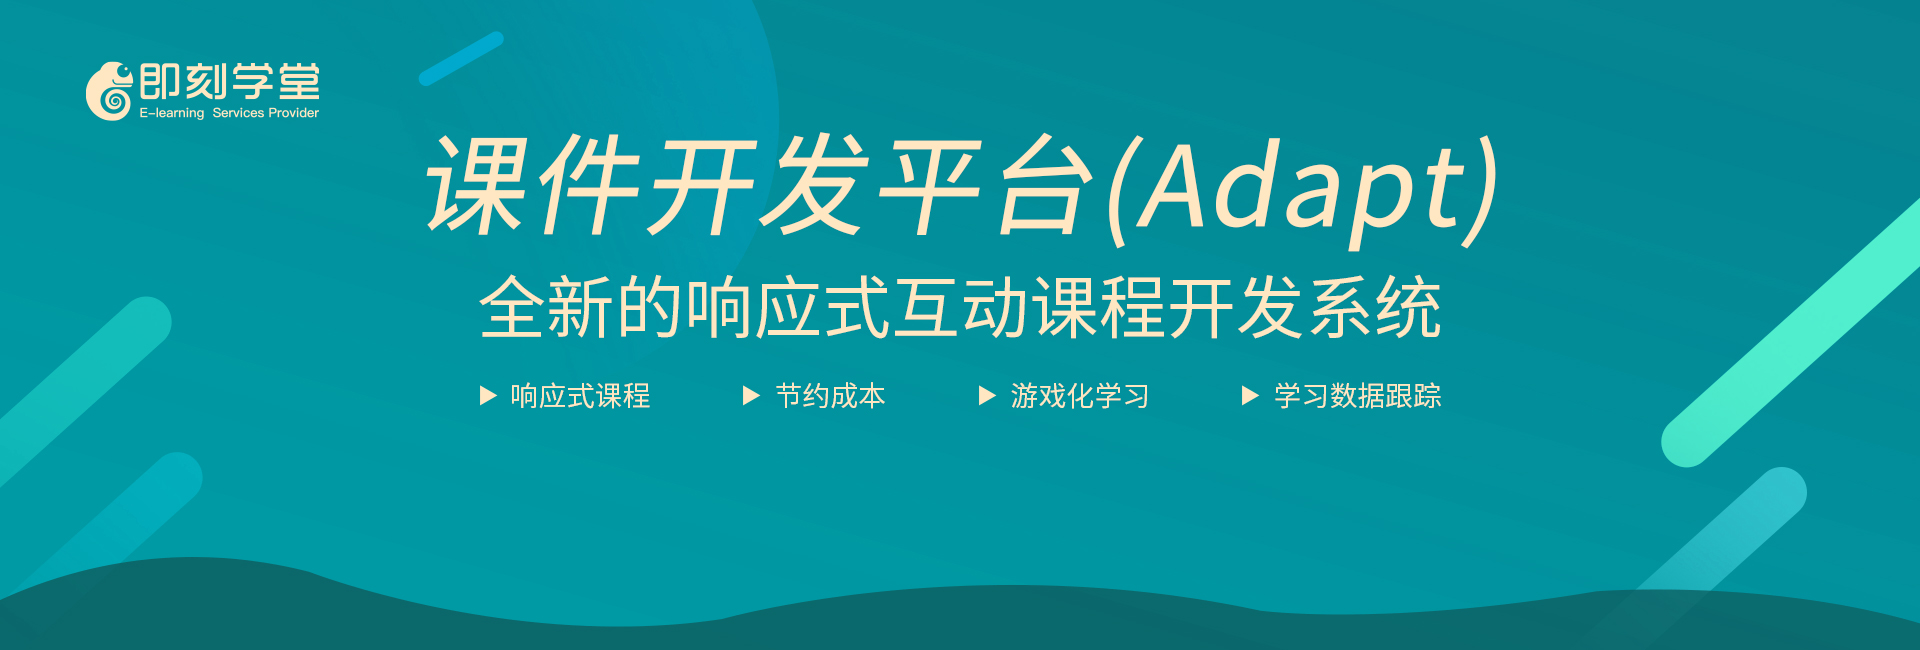 课件开发平台(Adapt)_响应式互动课程可发系统_即刻学堂